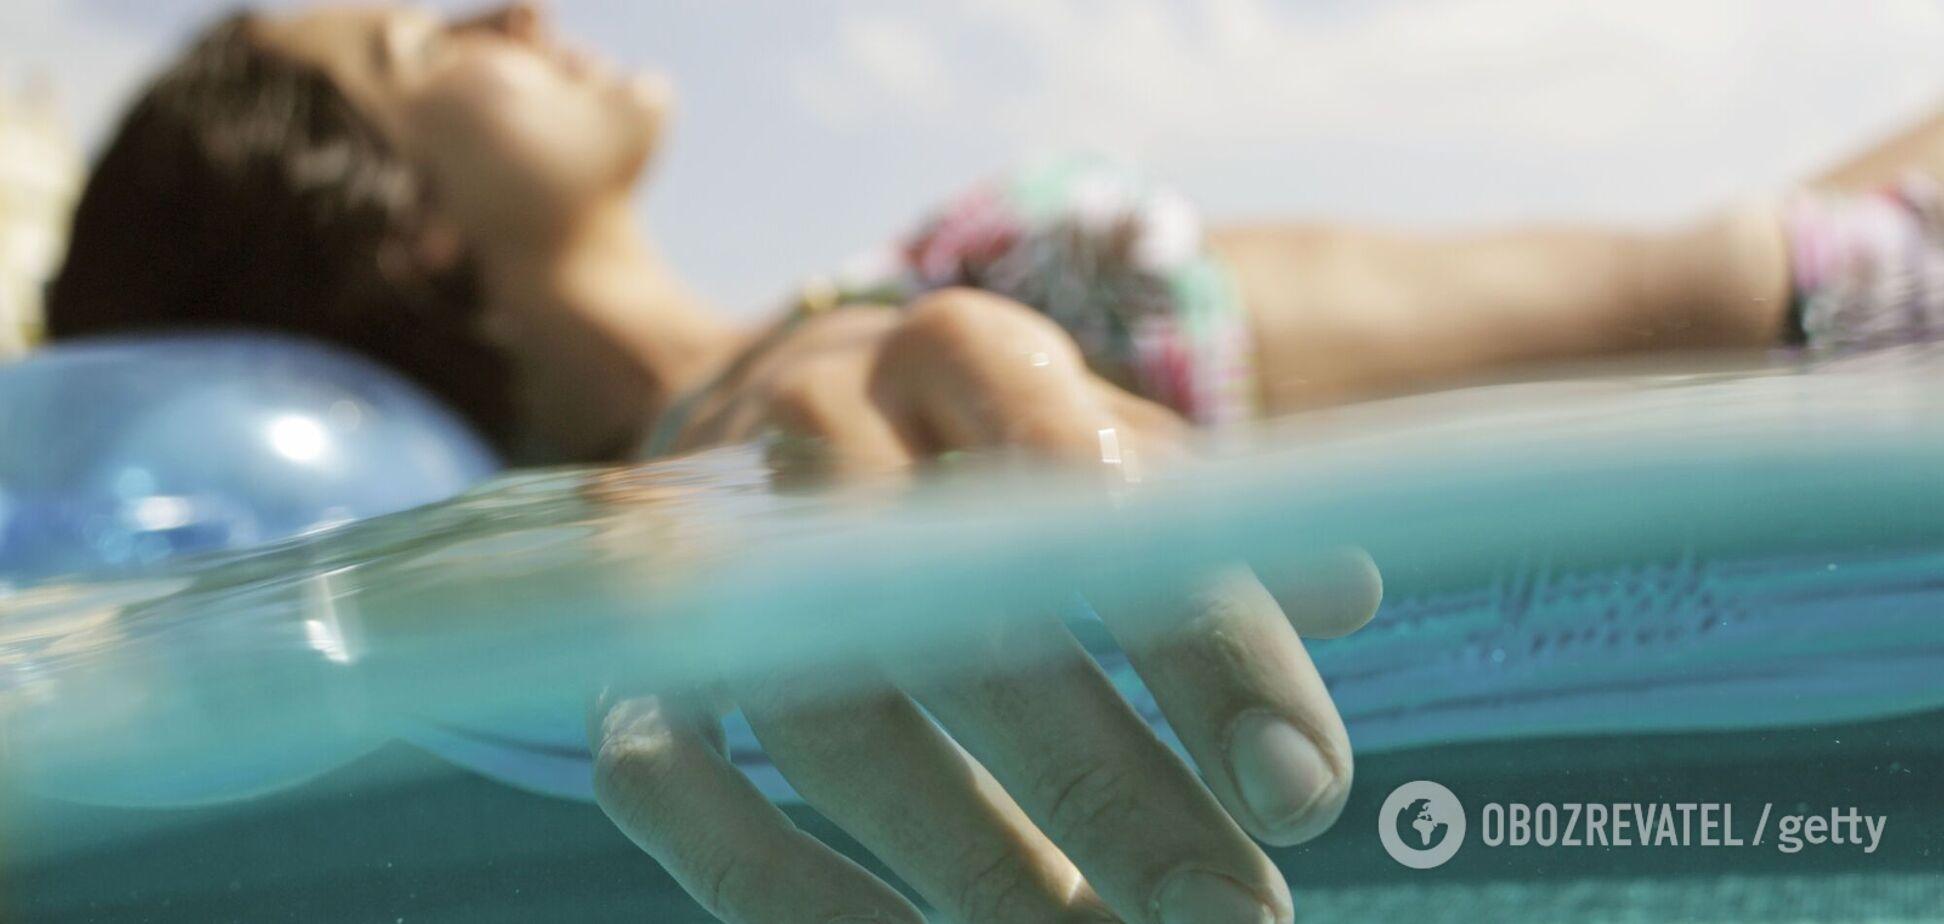 В Україну увірветься спека до +40 градусів: у Гідрометцентрі назвали дати